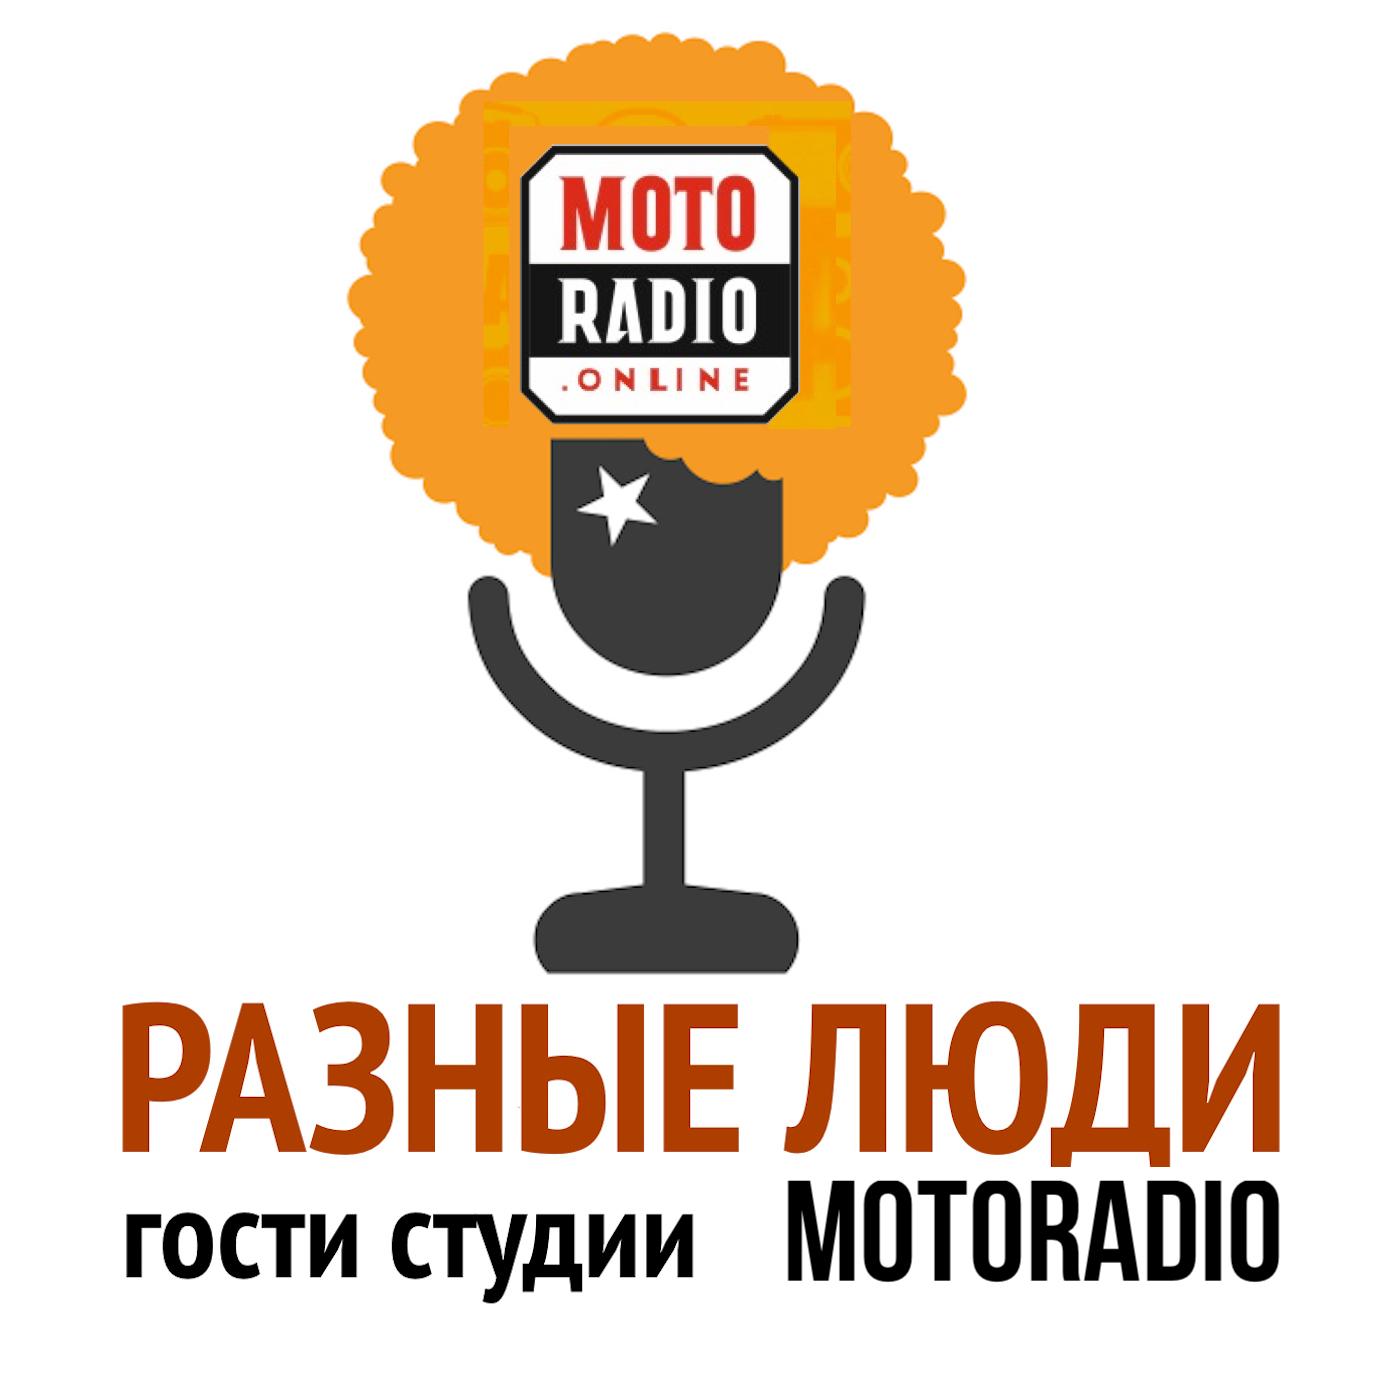 Моторадио Анастасия Мельникова дала интервью радио Imagine